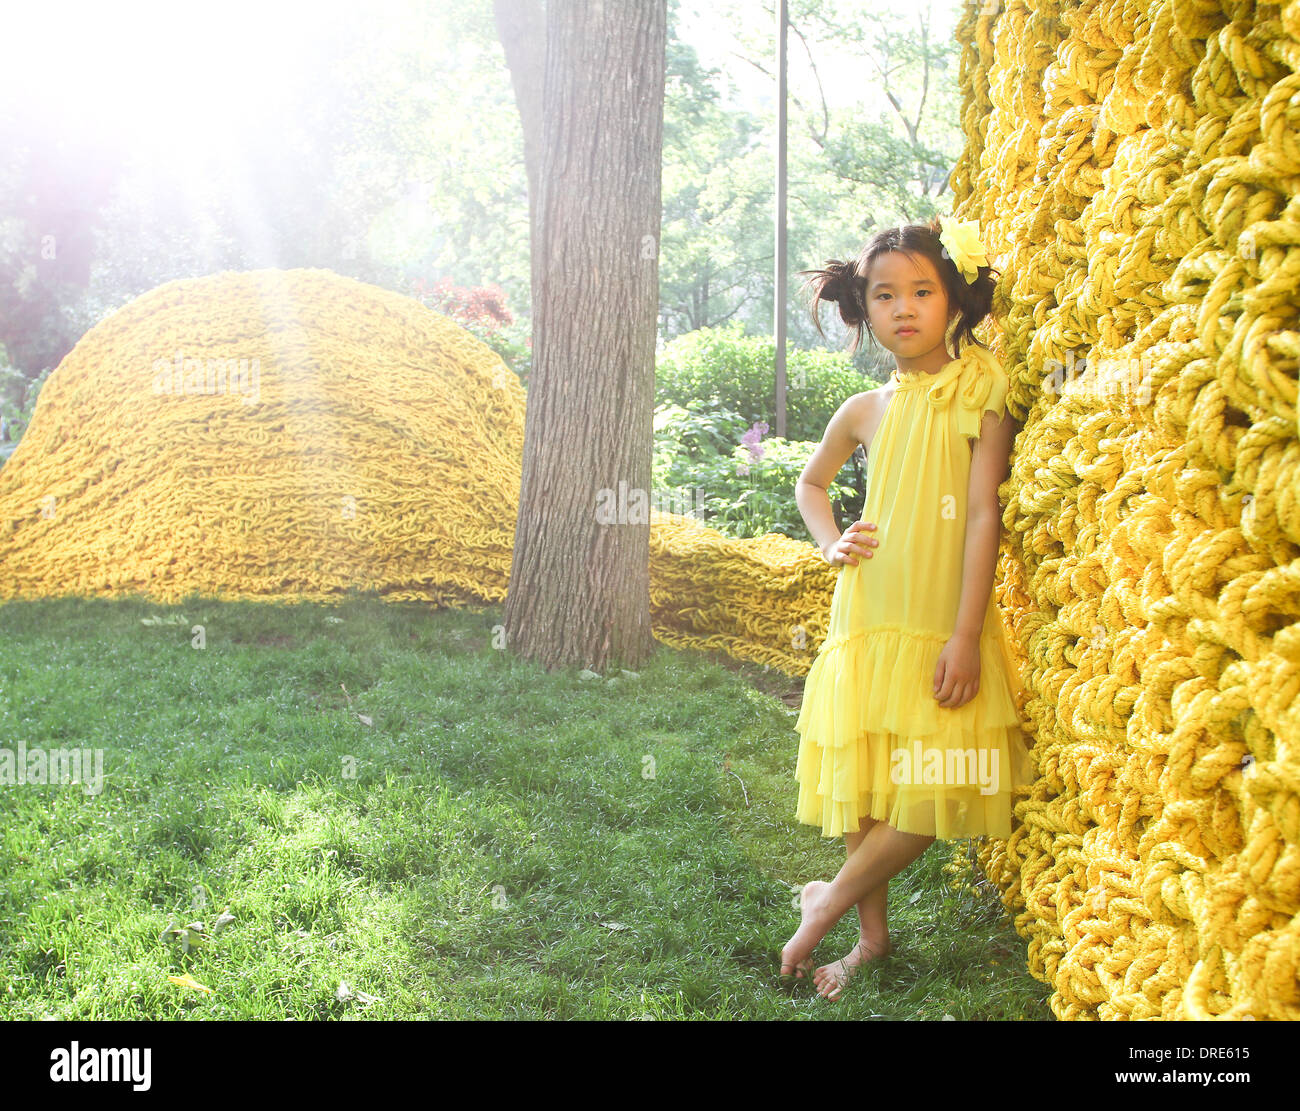 Jeune fille asiatique en robe jaune près de mur jaune Photo Stock